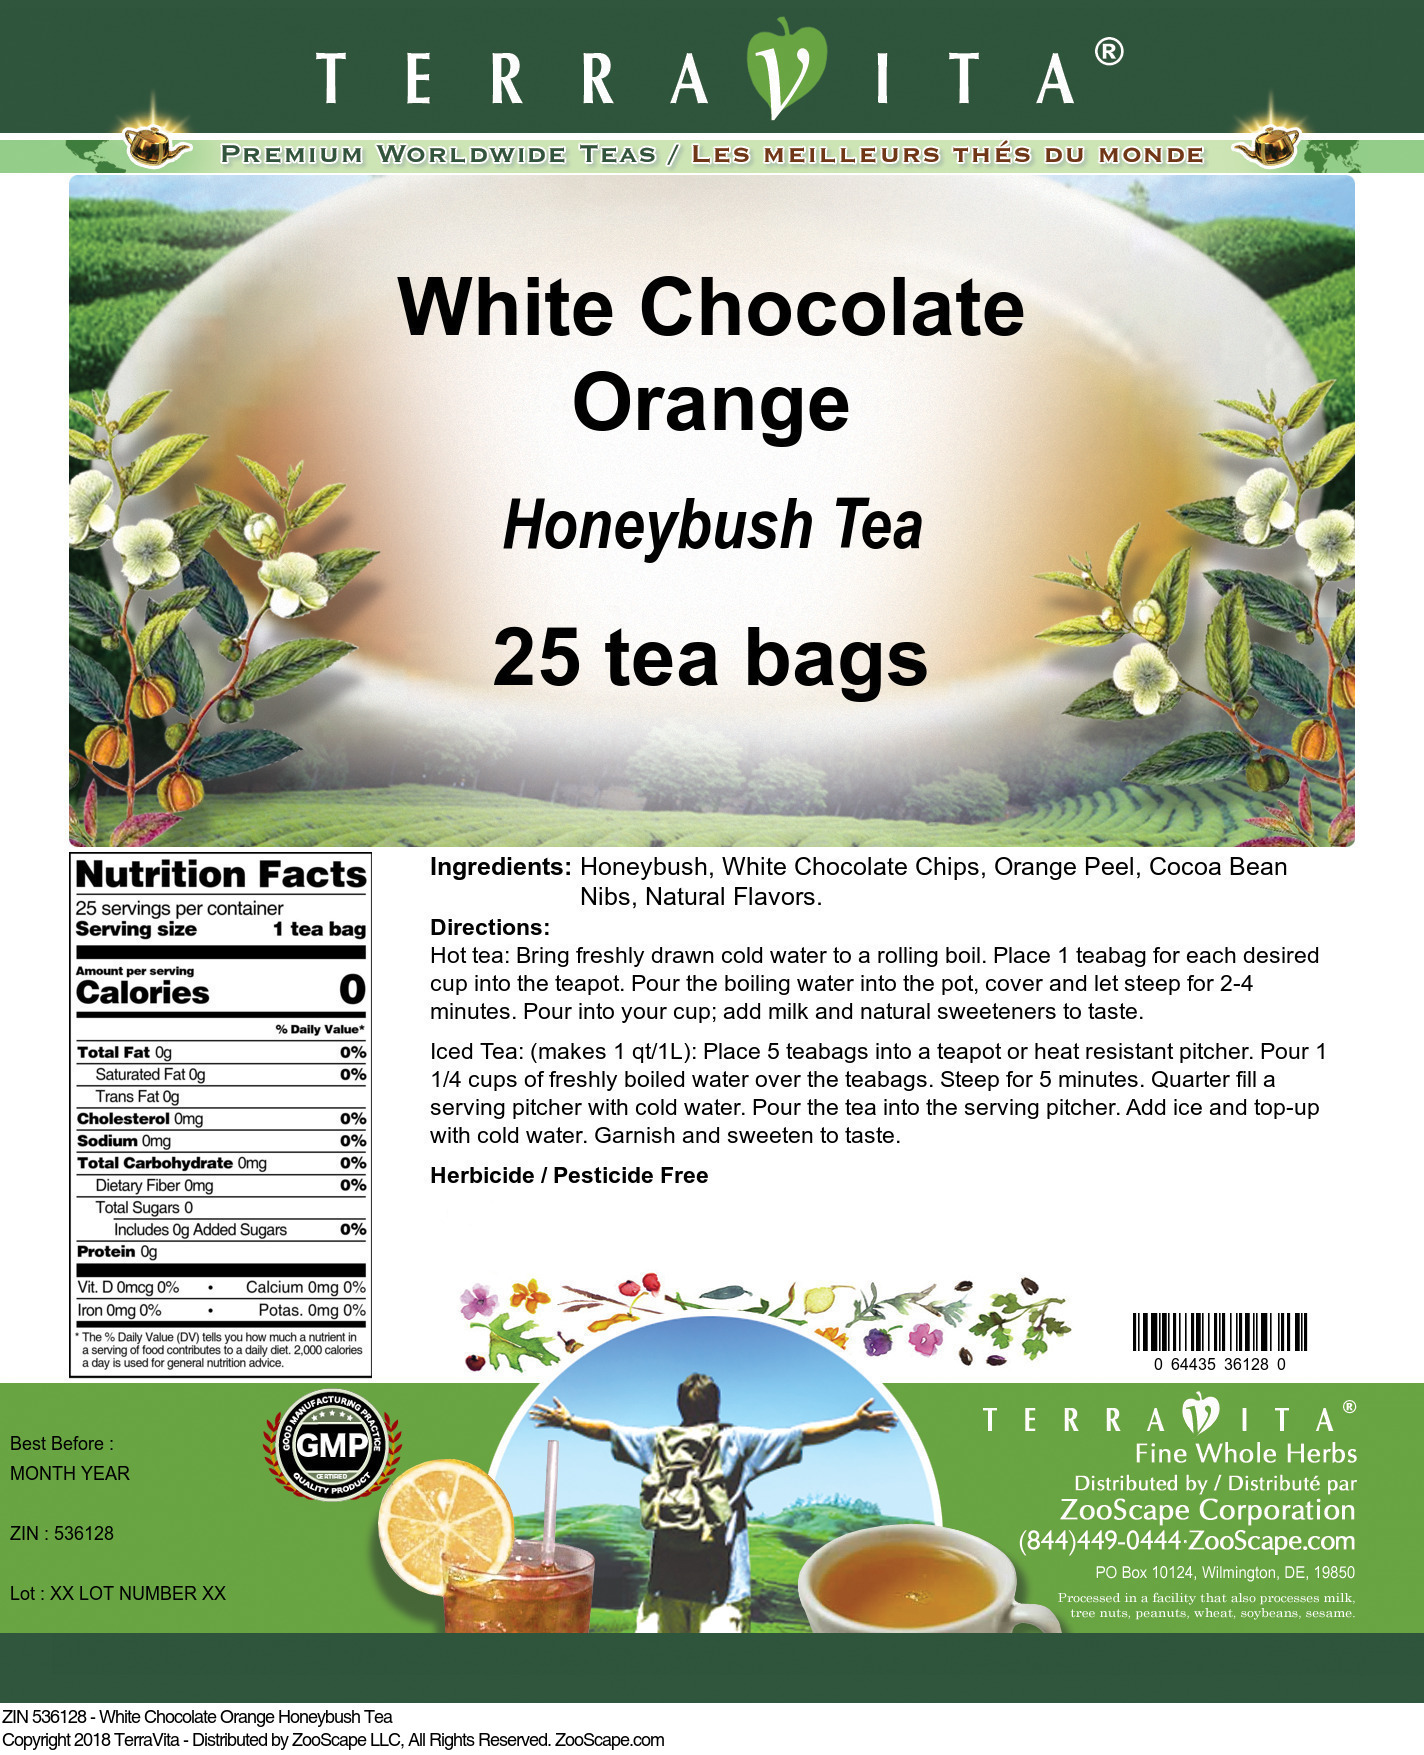 White Chocolate Orange Honeybush Tea